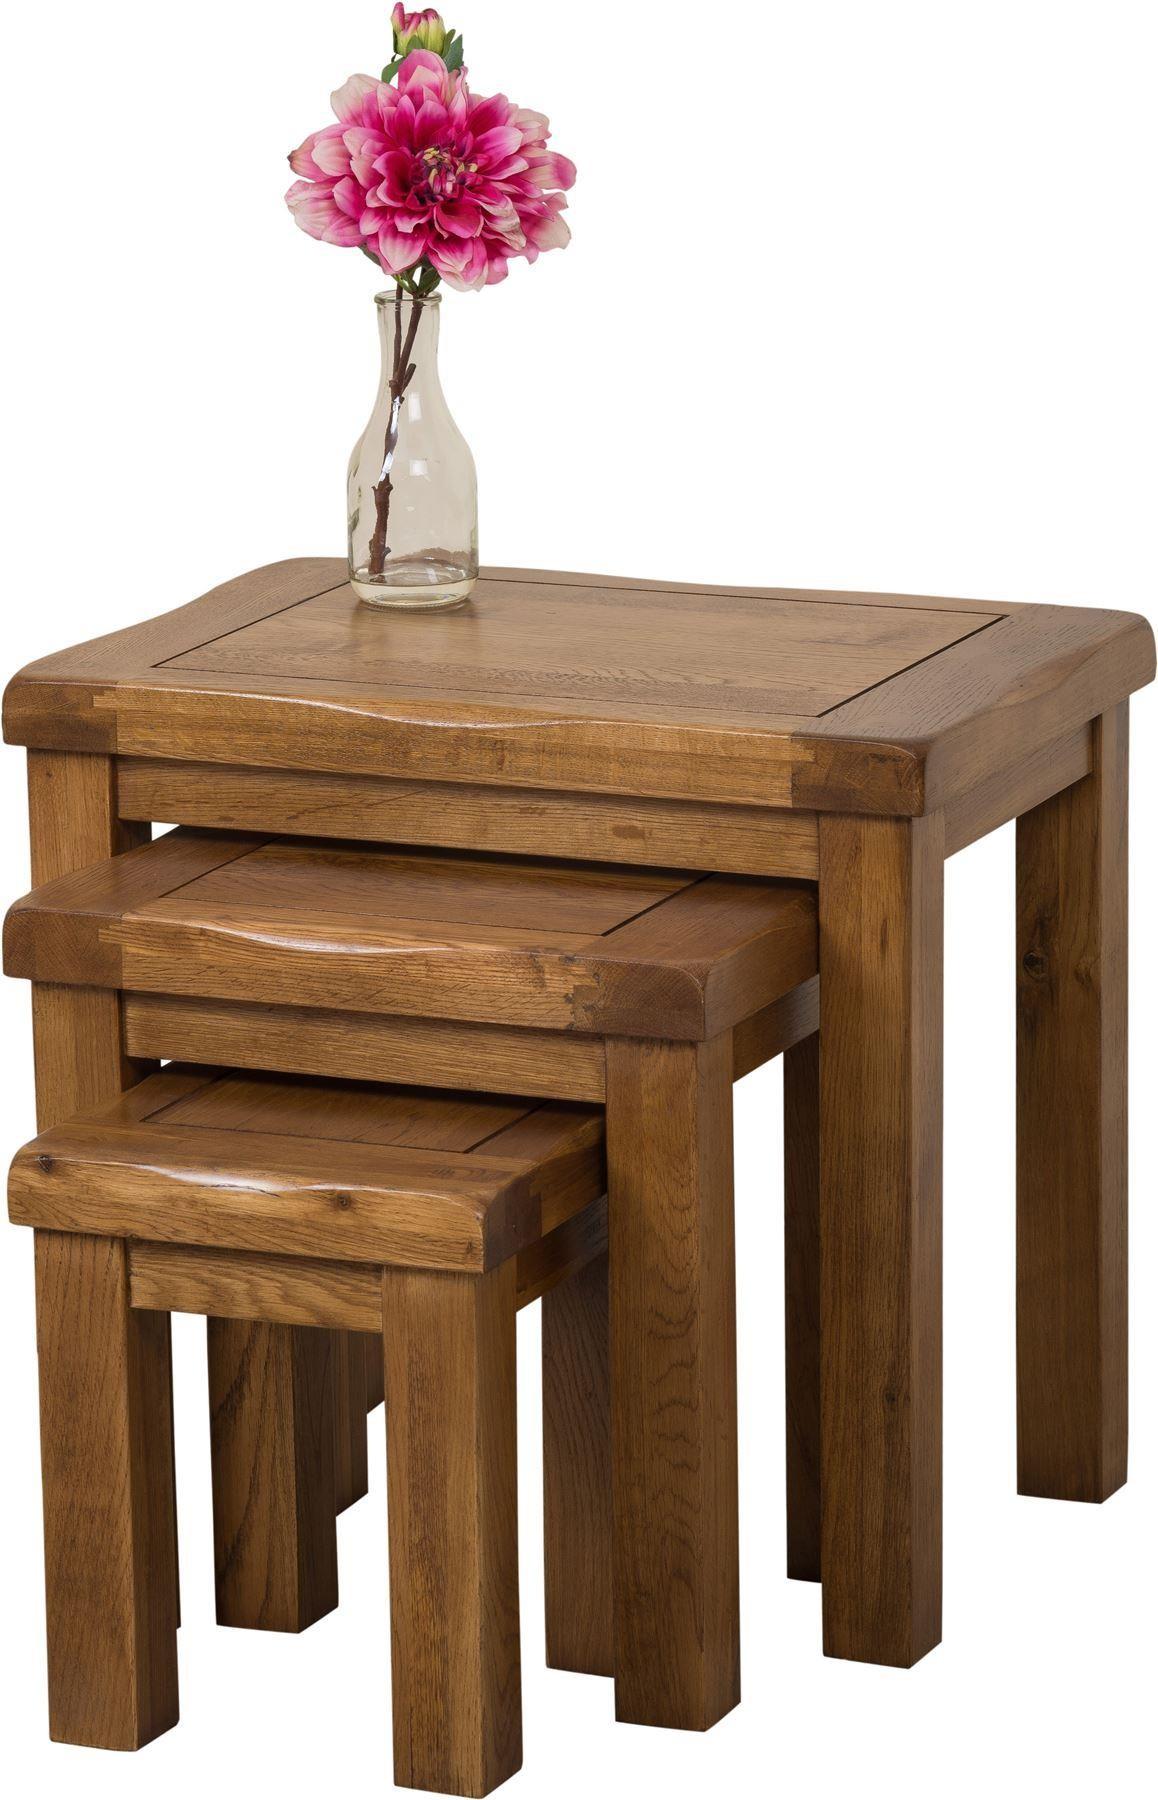 cotswold oak nest of 3 tables modern furniture direct. Black Bedroom Furniture Sets. Home Design Ideas